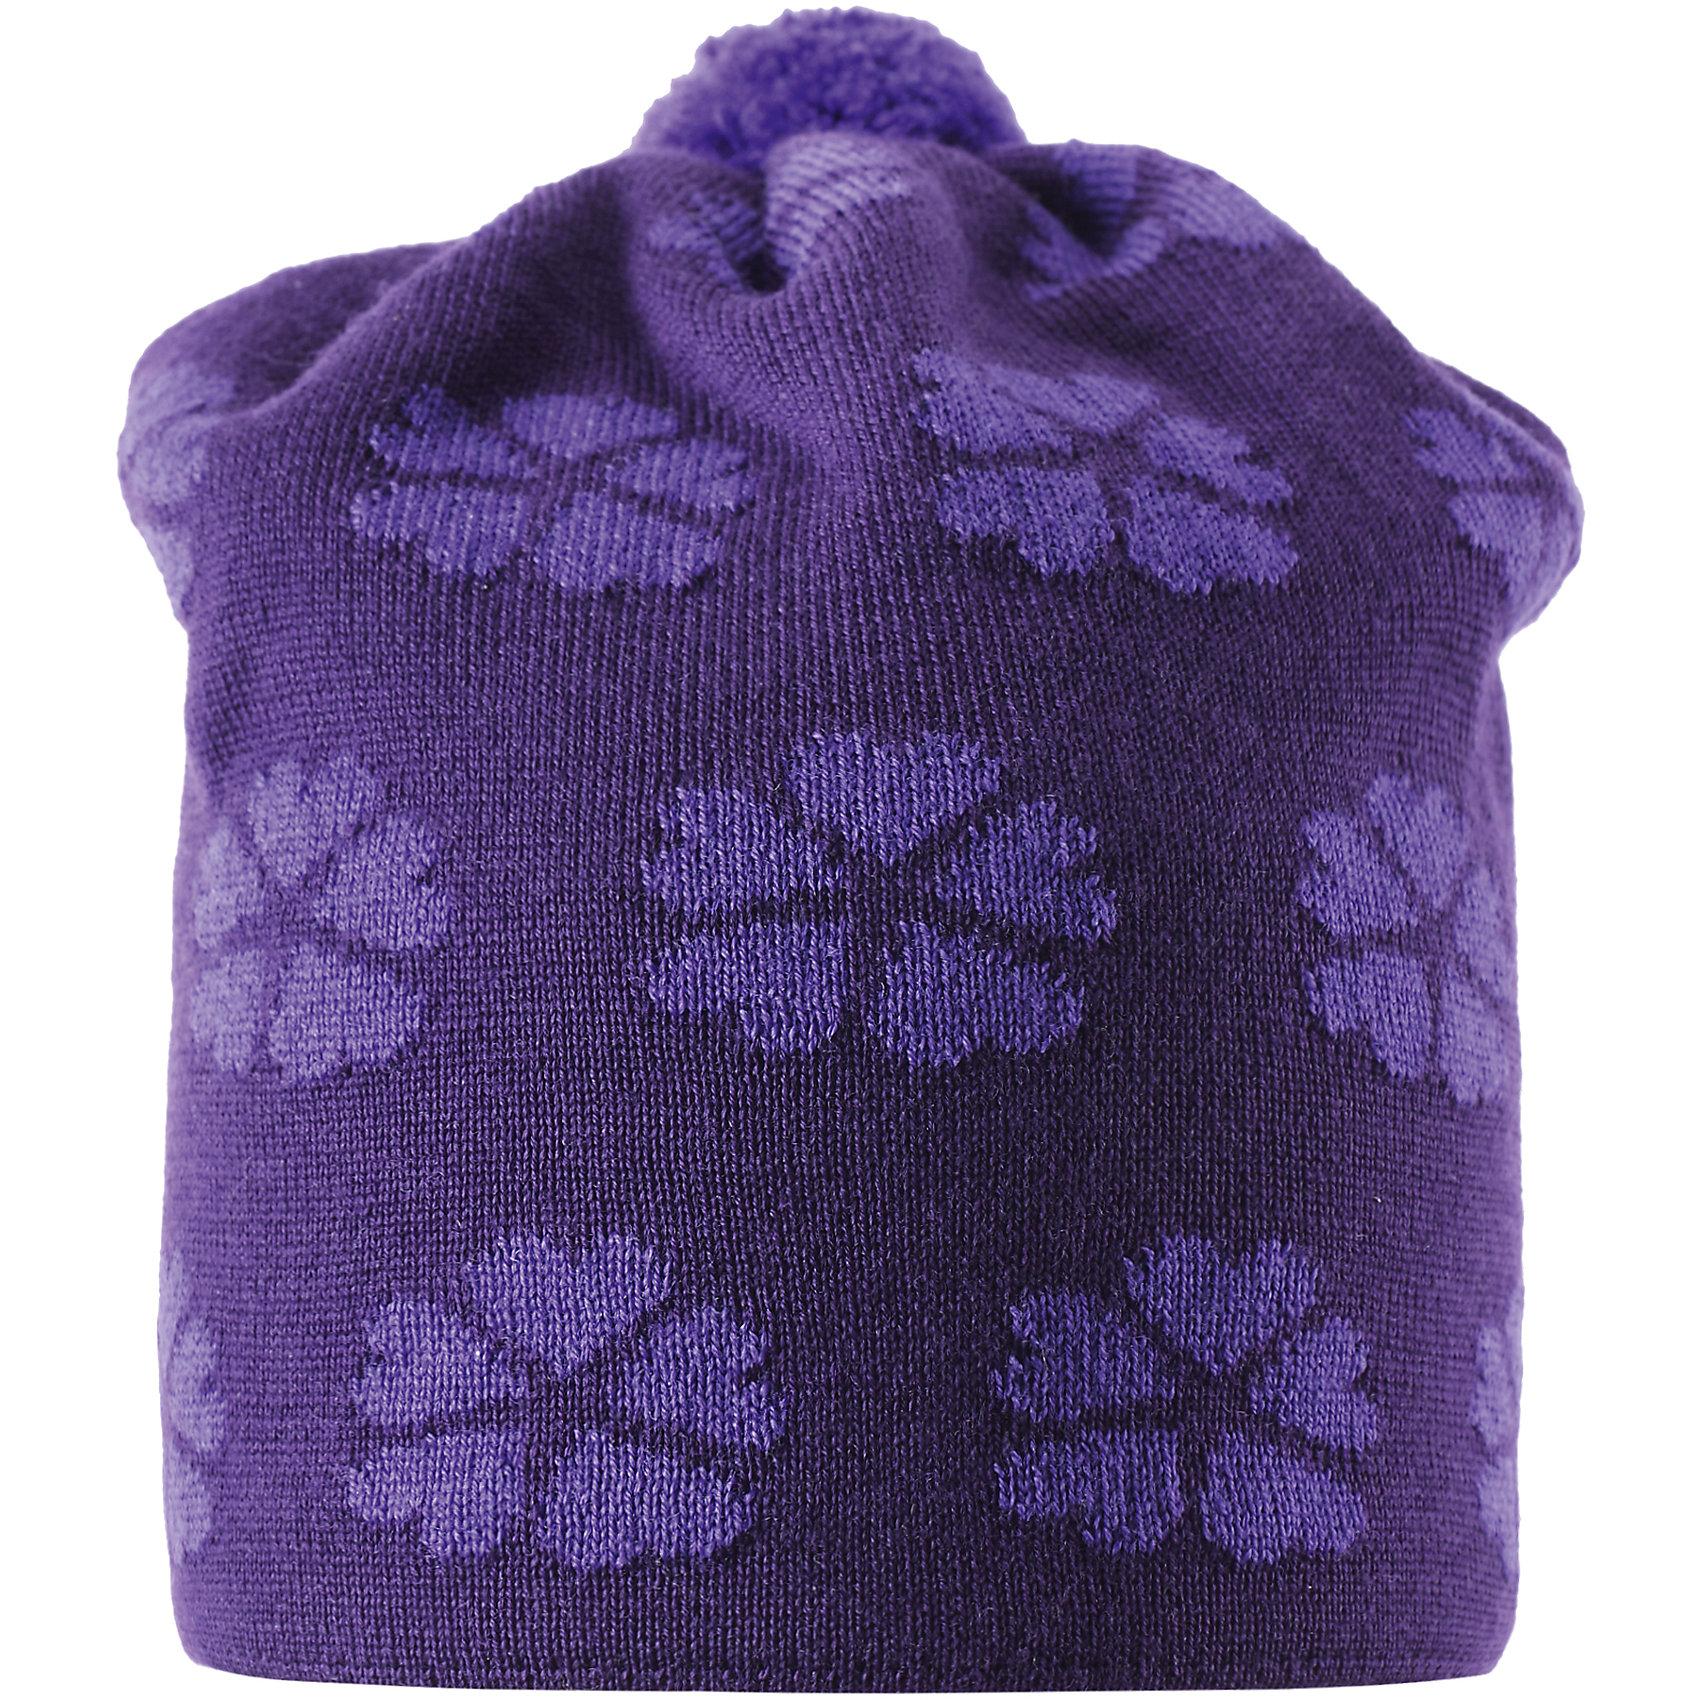 Шапка для девочки ReimaШапки и шарфы<br>Оставайся стильным и не мёрзни! Эта красивая шерстяная шапочка-бини с симпатичным цветочным узором для детей связана из супер тёплой шерсти и имеет мягкую удобную хлопчатобумажную вязанную подкладку. Ветронепроницаемые вставки в области ушей обеспечат максимальную защиту от зимних сквозняков и ветра. Готовы повеселиться на улице?<br><br>Дополнительная информация:<br><br>Зимняя шапочка-бини, модель для девочек<br>Тёплая шерстяная вязка<br>Мягкая хлопчатобумажная вязаная подкладка<br>Ветронепроницаемые вставки в области ушей<br>Жаккардовый цветочный узор<br>Материал: 100% шерсть<br><br>Шапку для девочки Reima (Рейма) можно купить в нашем магазине.<br><br>Ширина мм: 89<br>Глубина мм: 117<br>Высота мм: 44<br>Вес г: 155<br>Цвет: лиловый<br>Возраст от месяцев: 60<br>Возраст до месяцев: 72<br>Пол: Женский<br>Возраст: Детский<br>Размер: 52,54,56,50<br>SKU: 4417128